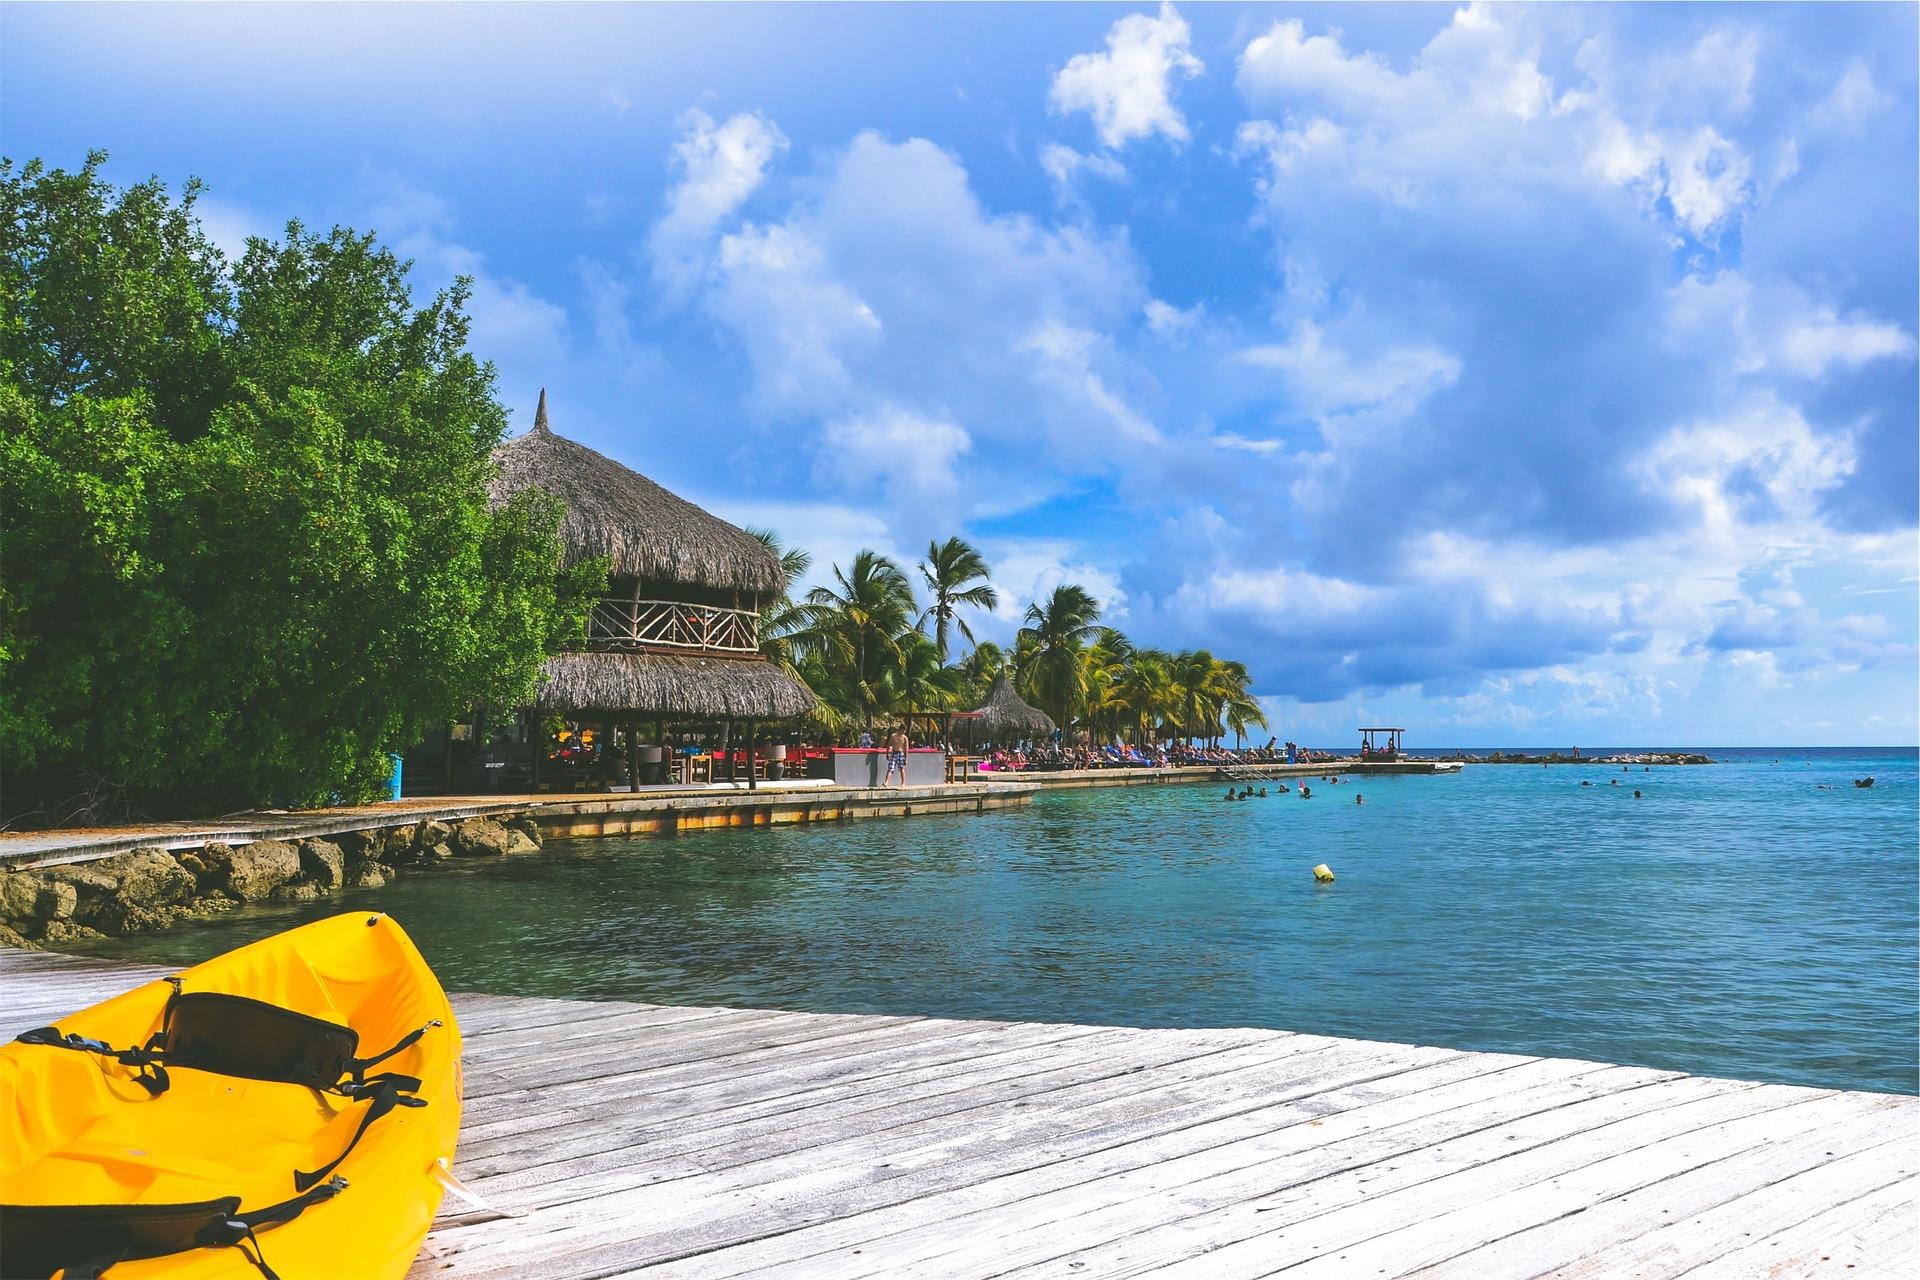 ¡Curacao, destino perfecto para este verano!